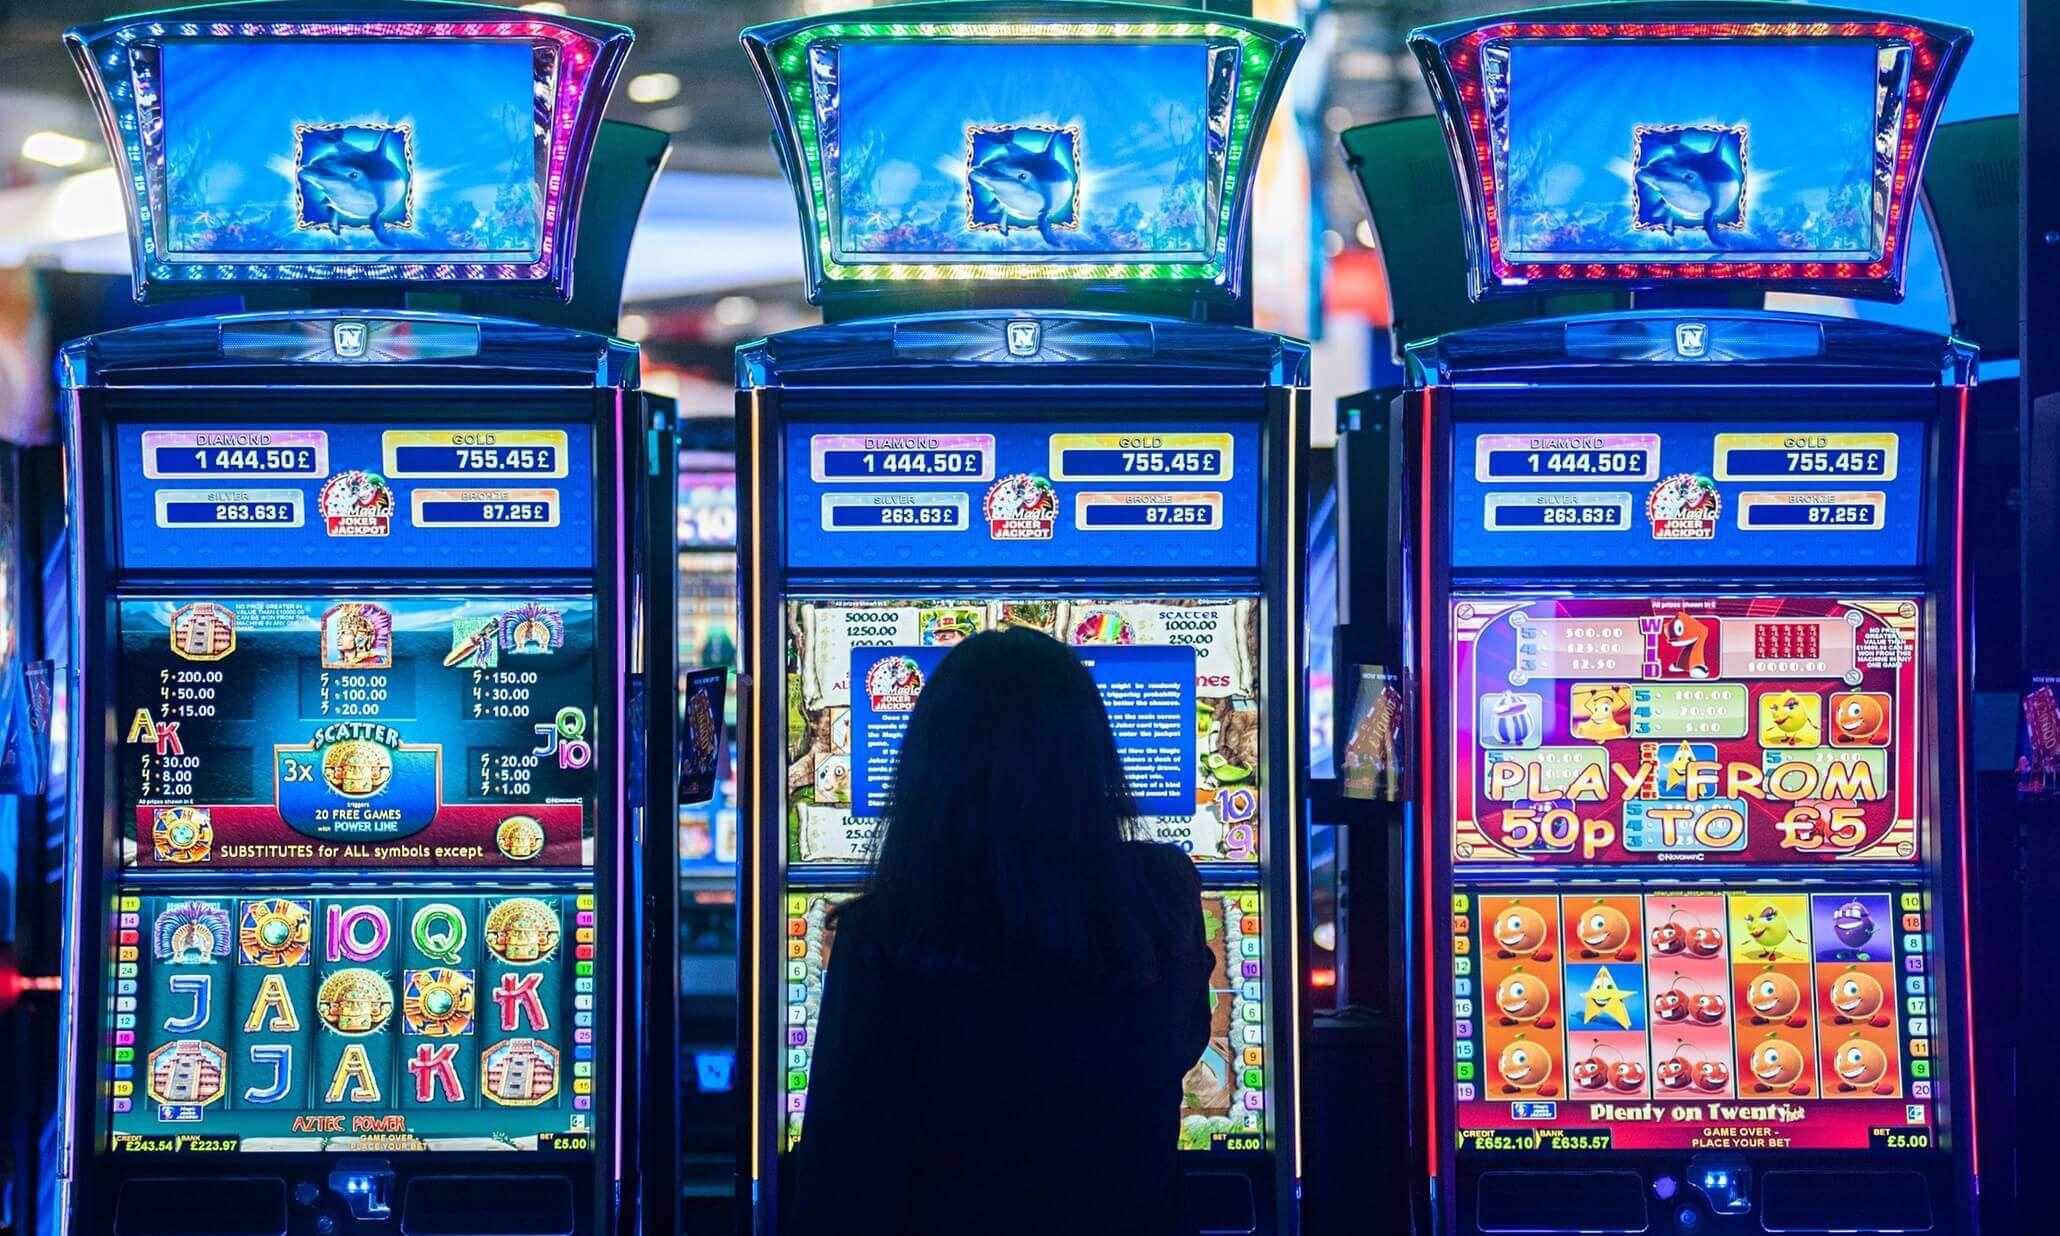 Игровые автоматы для телефона все игровые автоматы играть бесплатно без регистрации